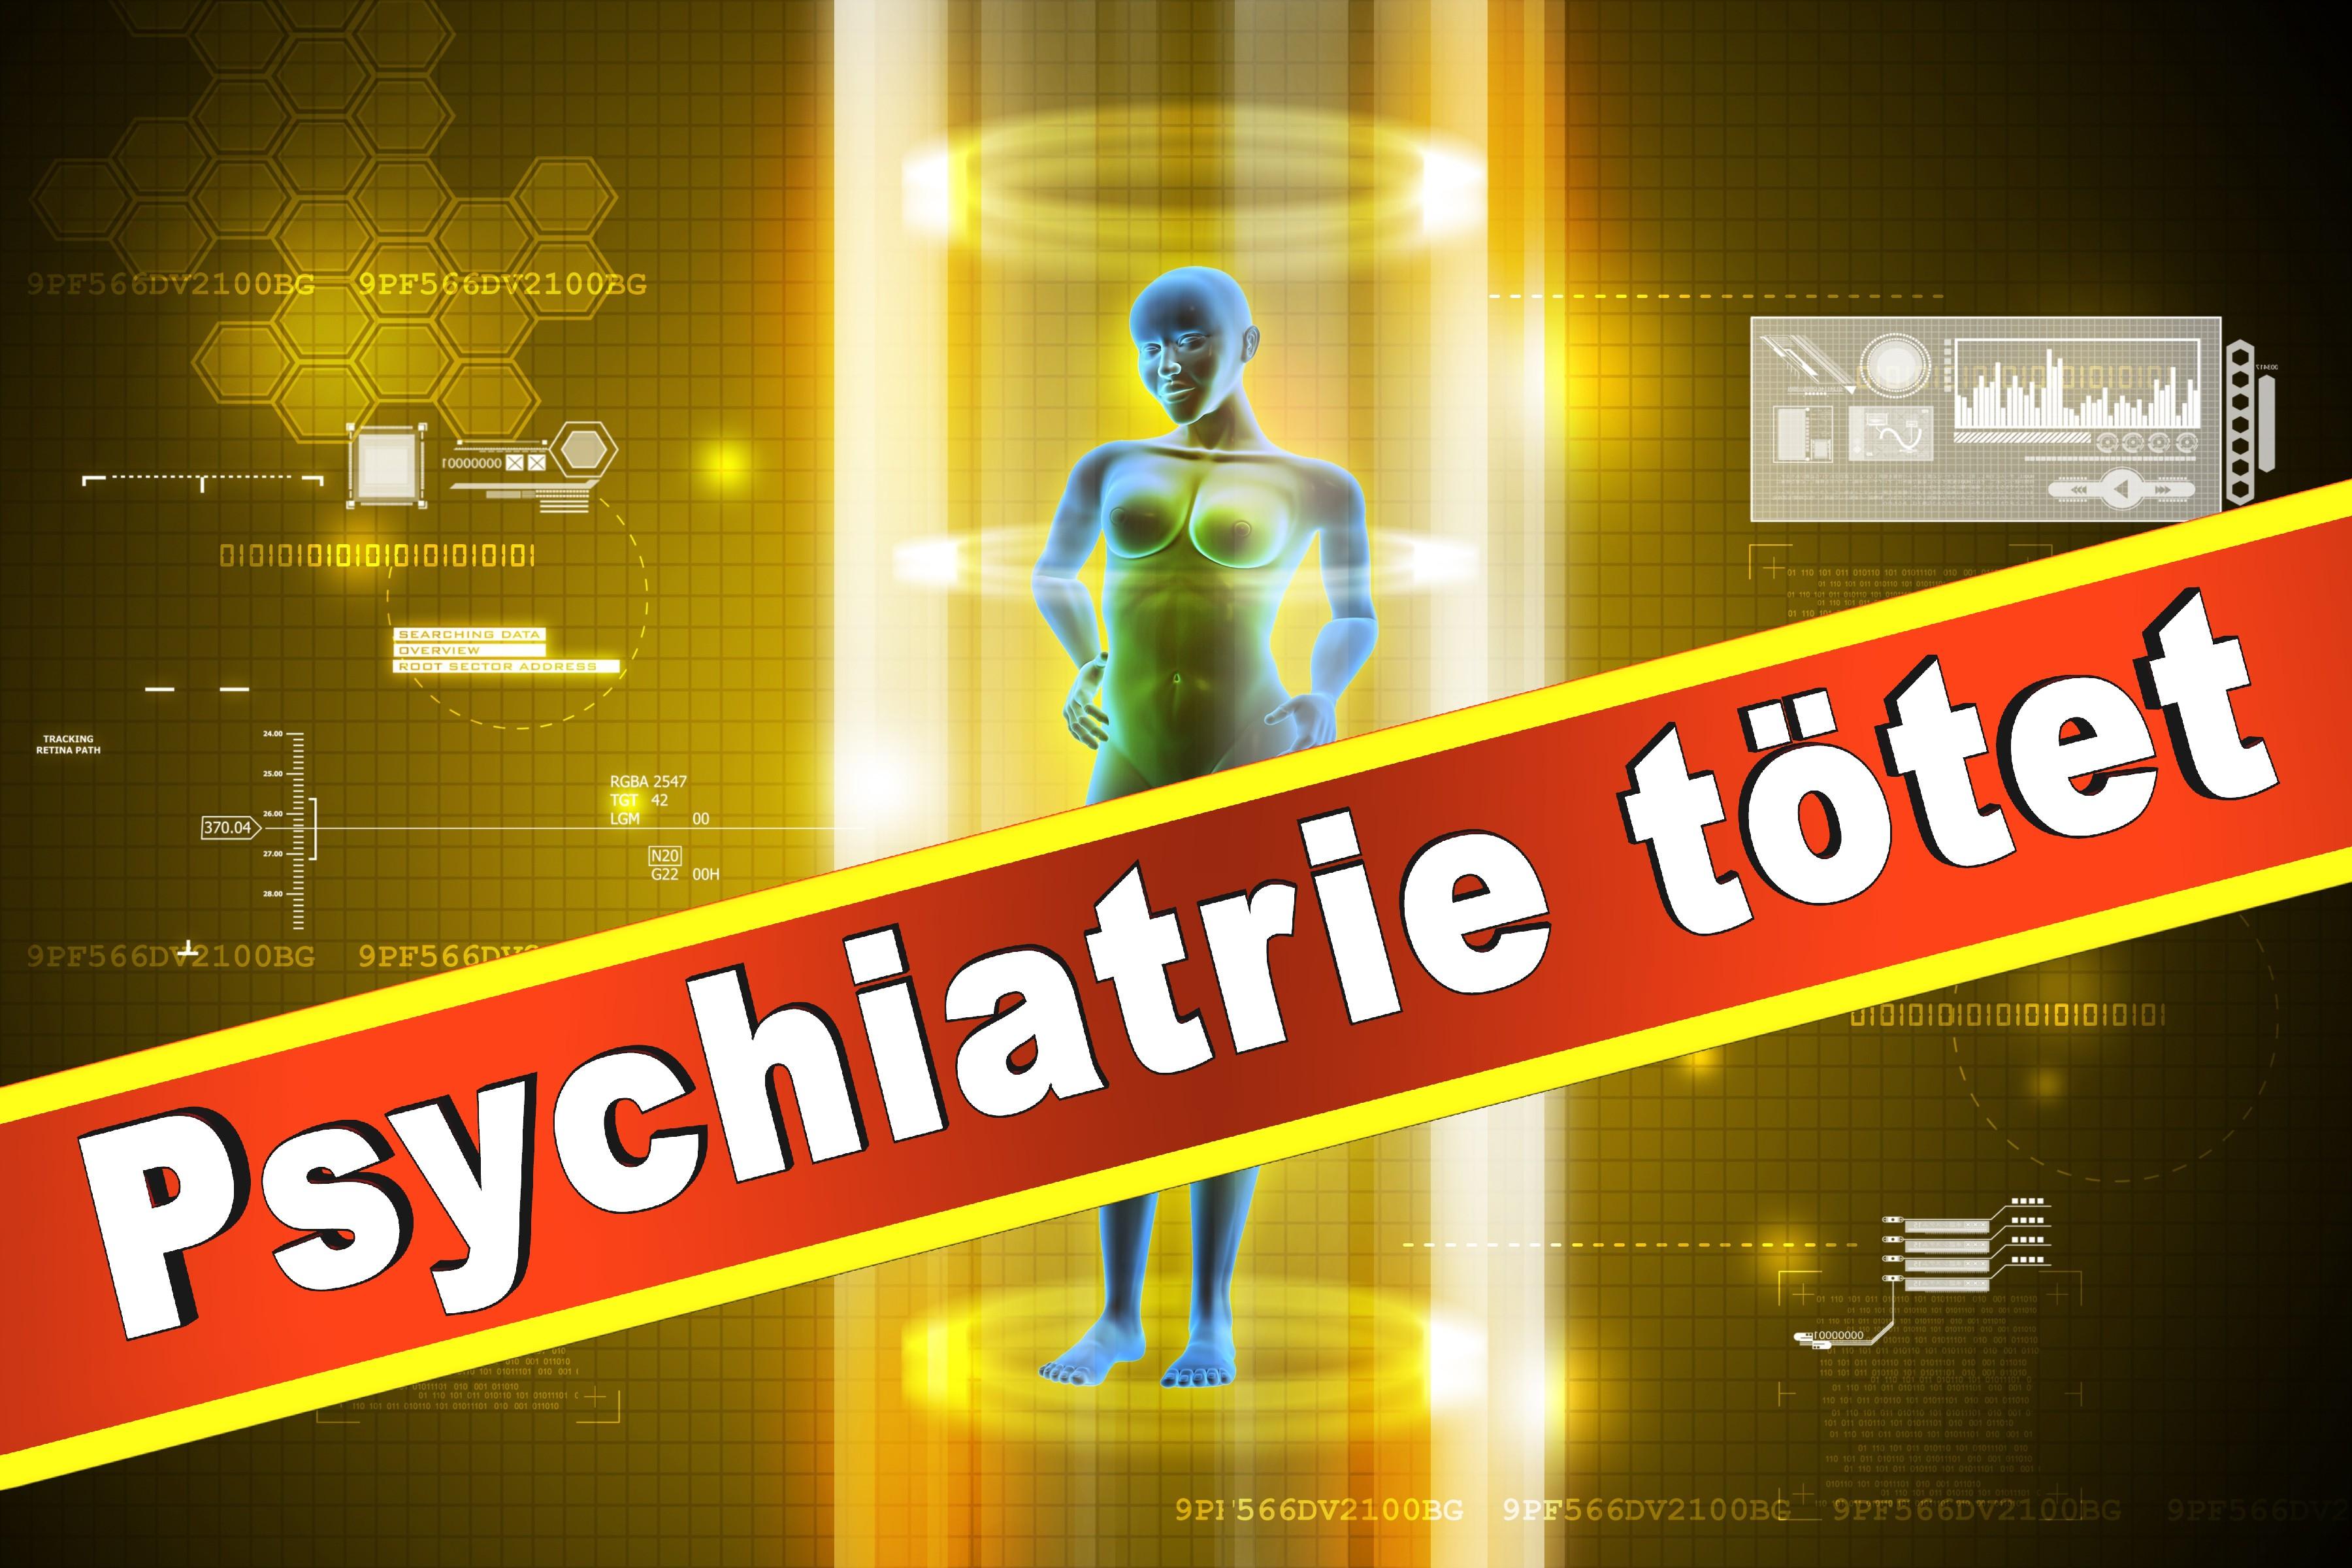 Wielant Machleidt Psychiater Psychotherapeut Professor Praxis Der Interkulturellen Psychiatrie Und Psychotherapie (25)